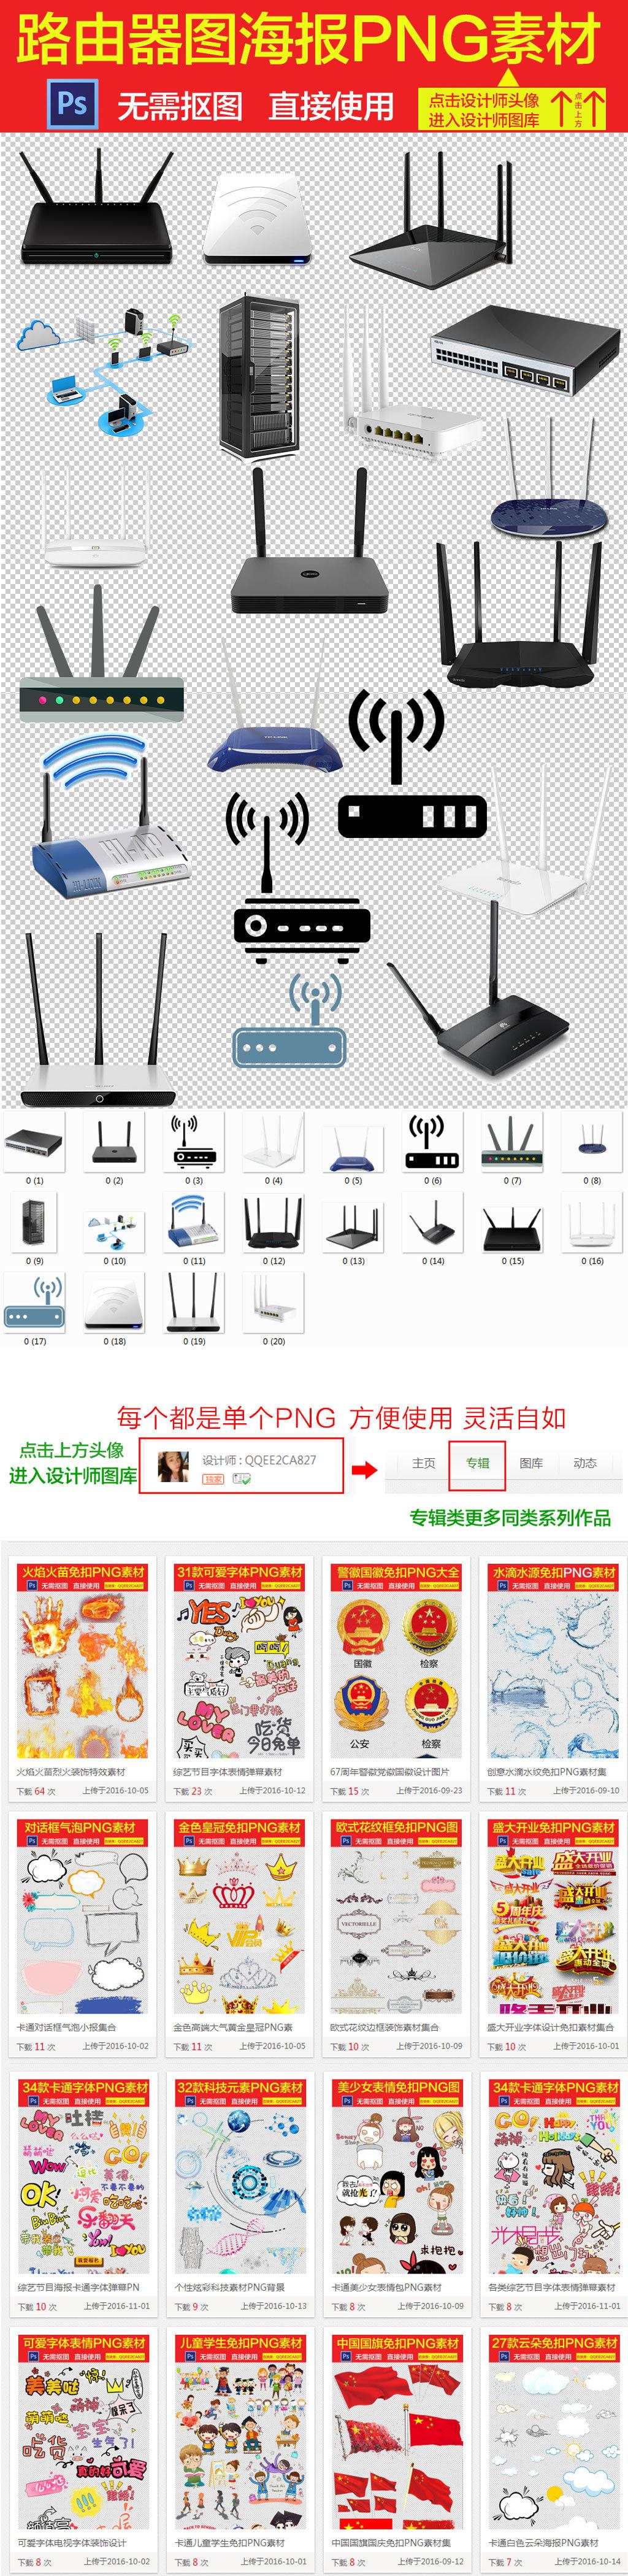 无线网WiFi图标路由器免费网络图片设计素材 高清其他模板下载 1.78图片